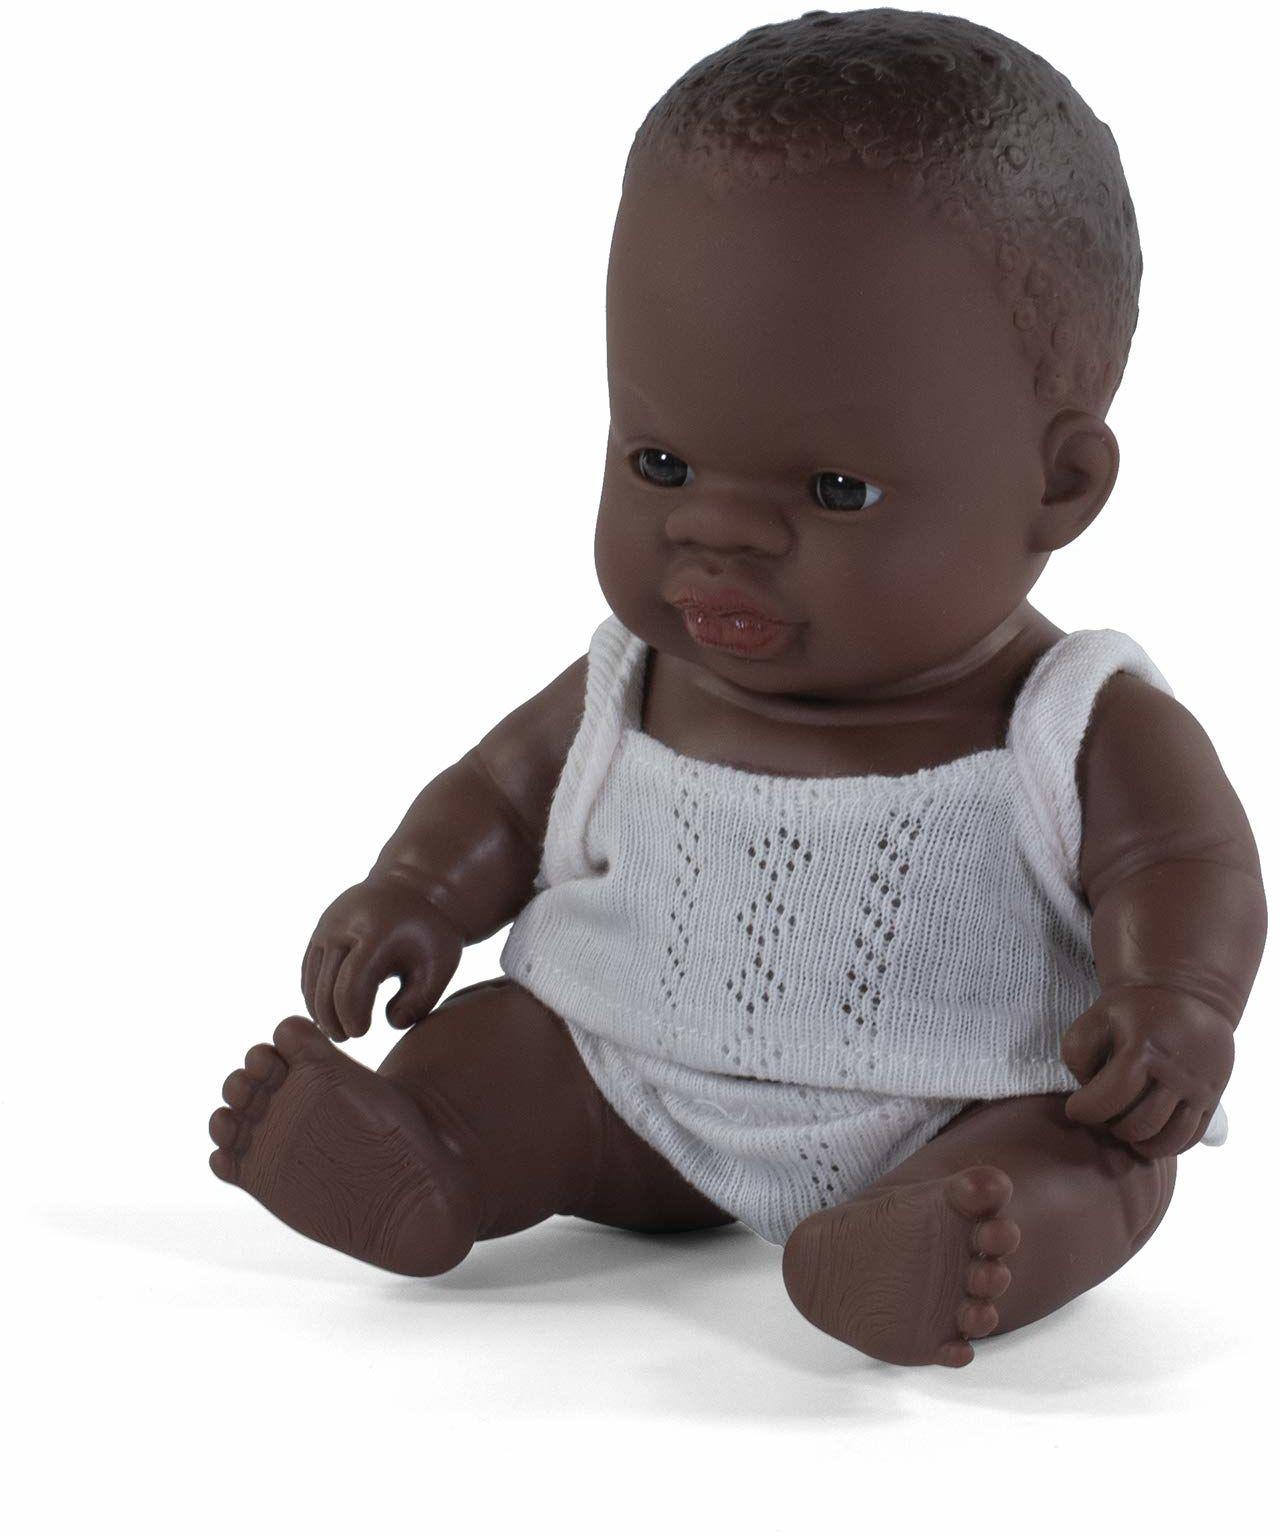 Miniland Miniland31123 lalka dla niemowląt afrykański mały chłopiec 21 cm 31123, wielokolorowa